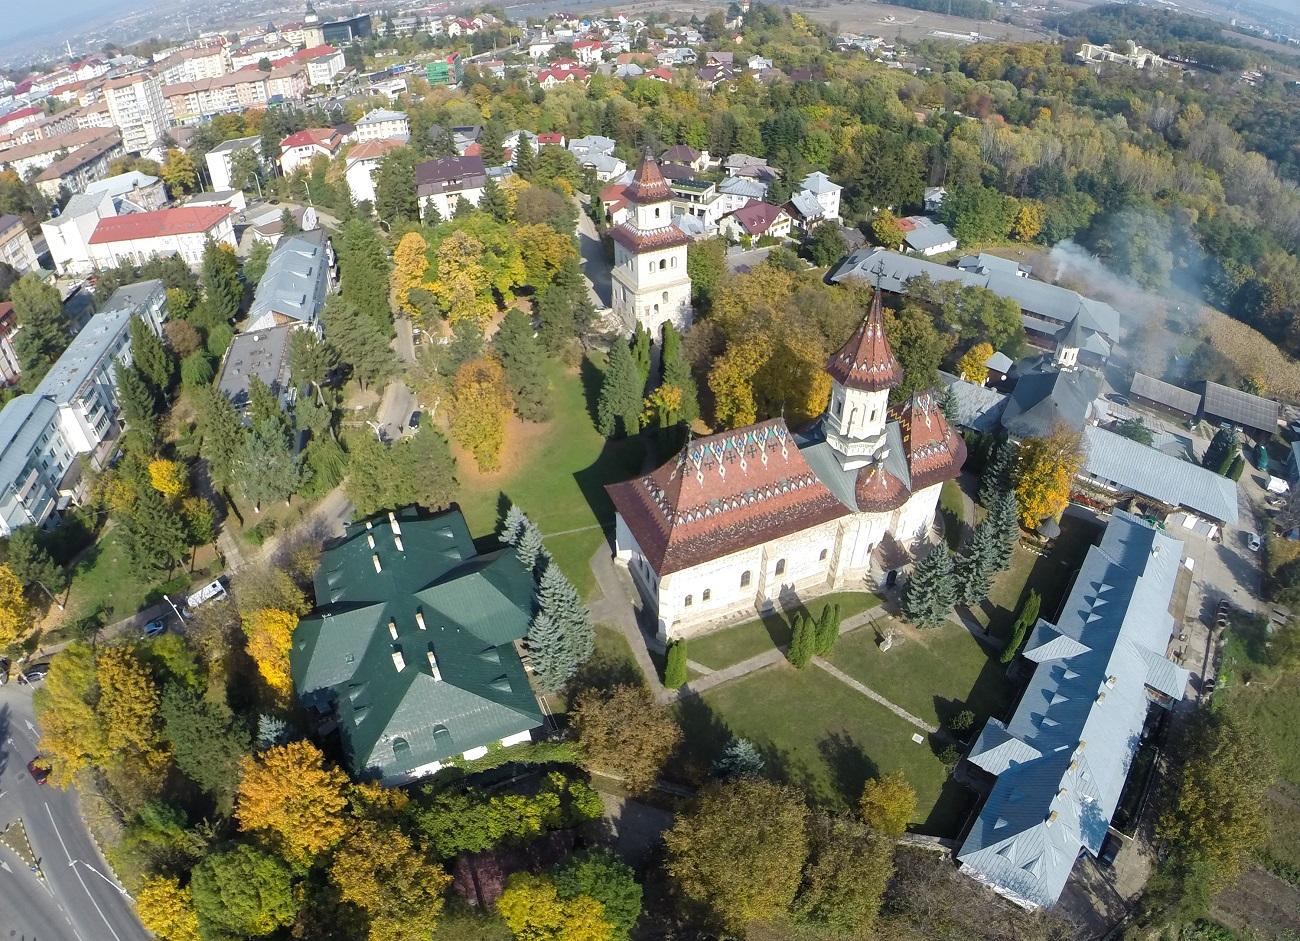 Echipamente de testare COVID-19 în valoare de 100.000 de euro, donate de Arhiepiscopia Sucevei și Rădăuților | Doxologia